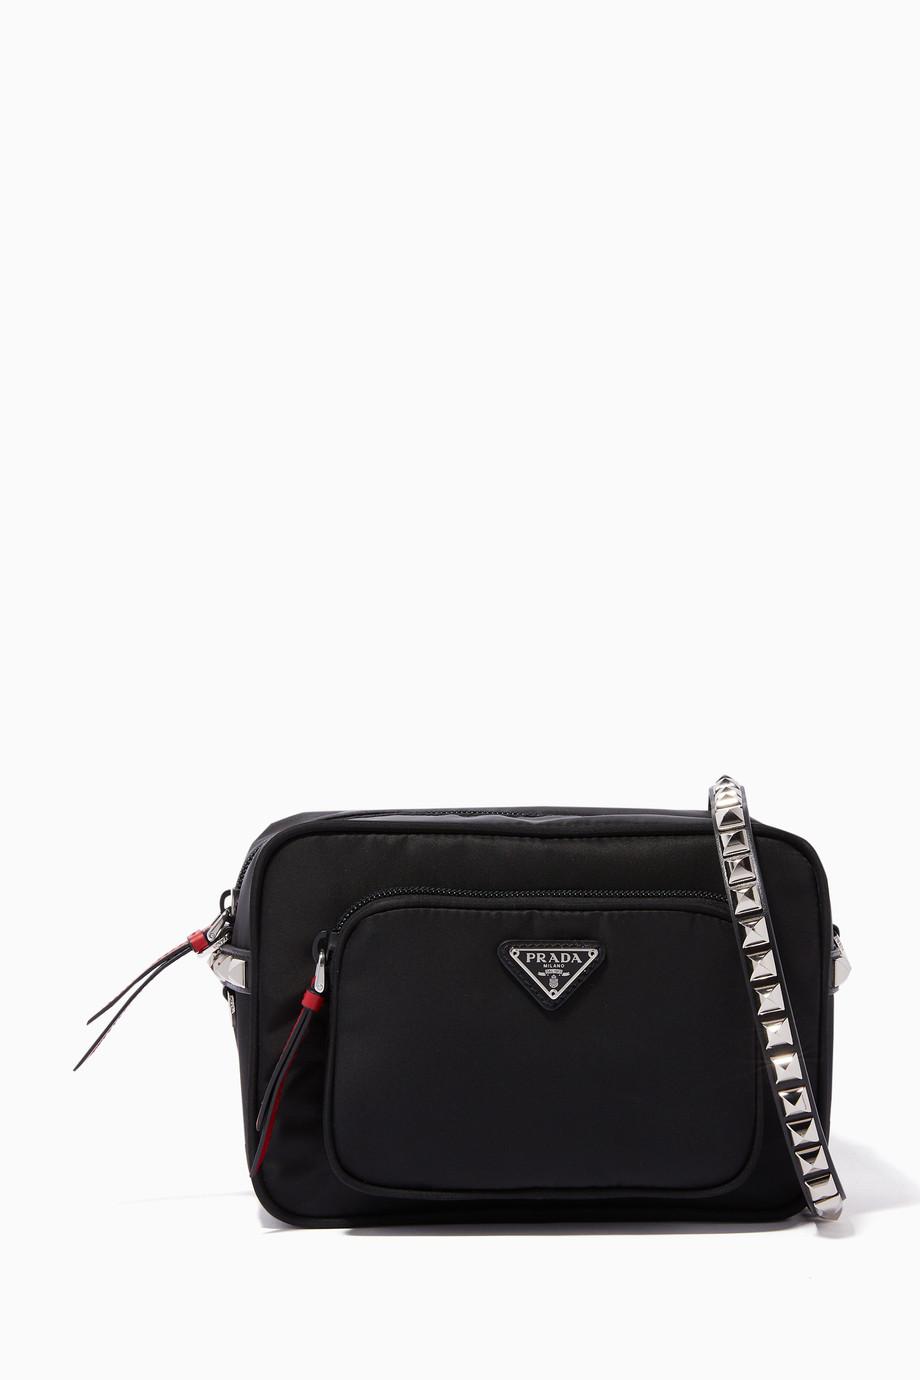 5dea4fea23d726 Shop Prada Black Nylon Camera Bag for Women   Ounass